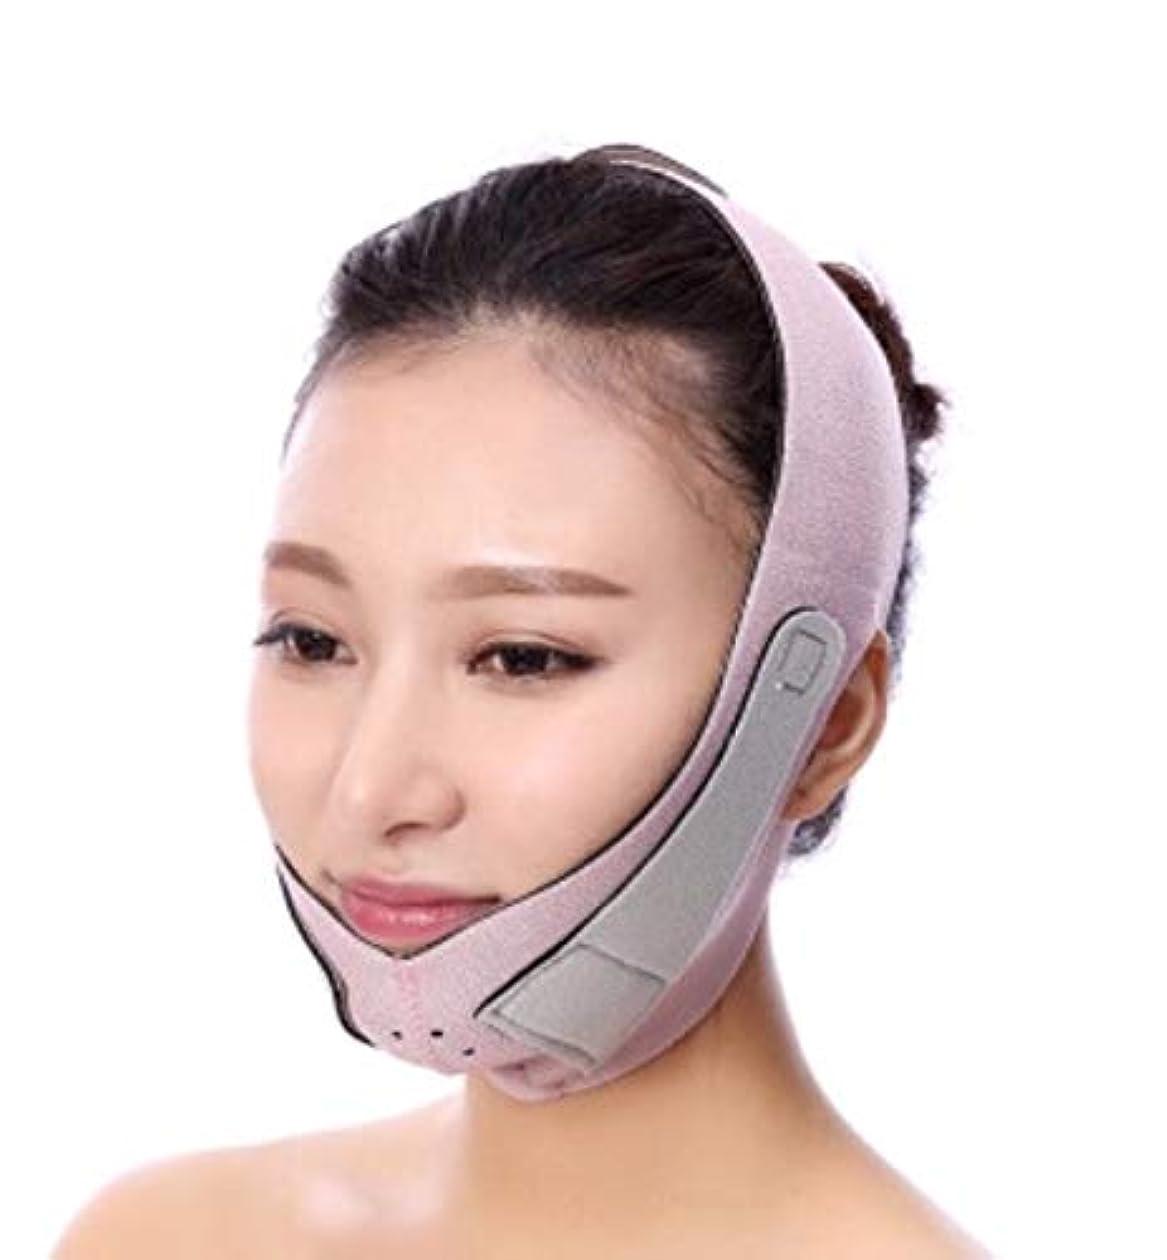 取り囲む絶滅用量Trust Contact リフトアップベルト 小顔マスク 矯正 小顔 リフトアップ フェイス 顔痩せ マスク